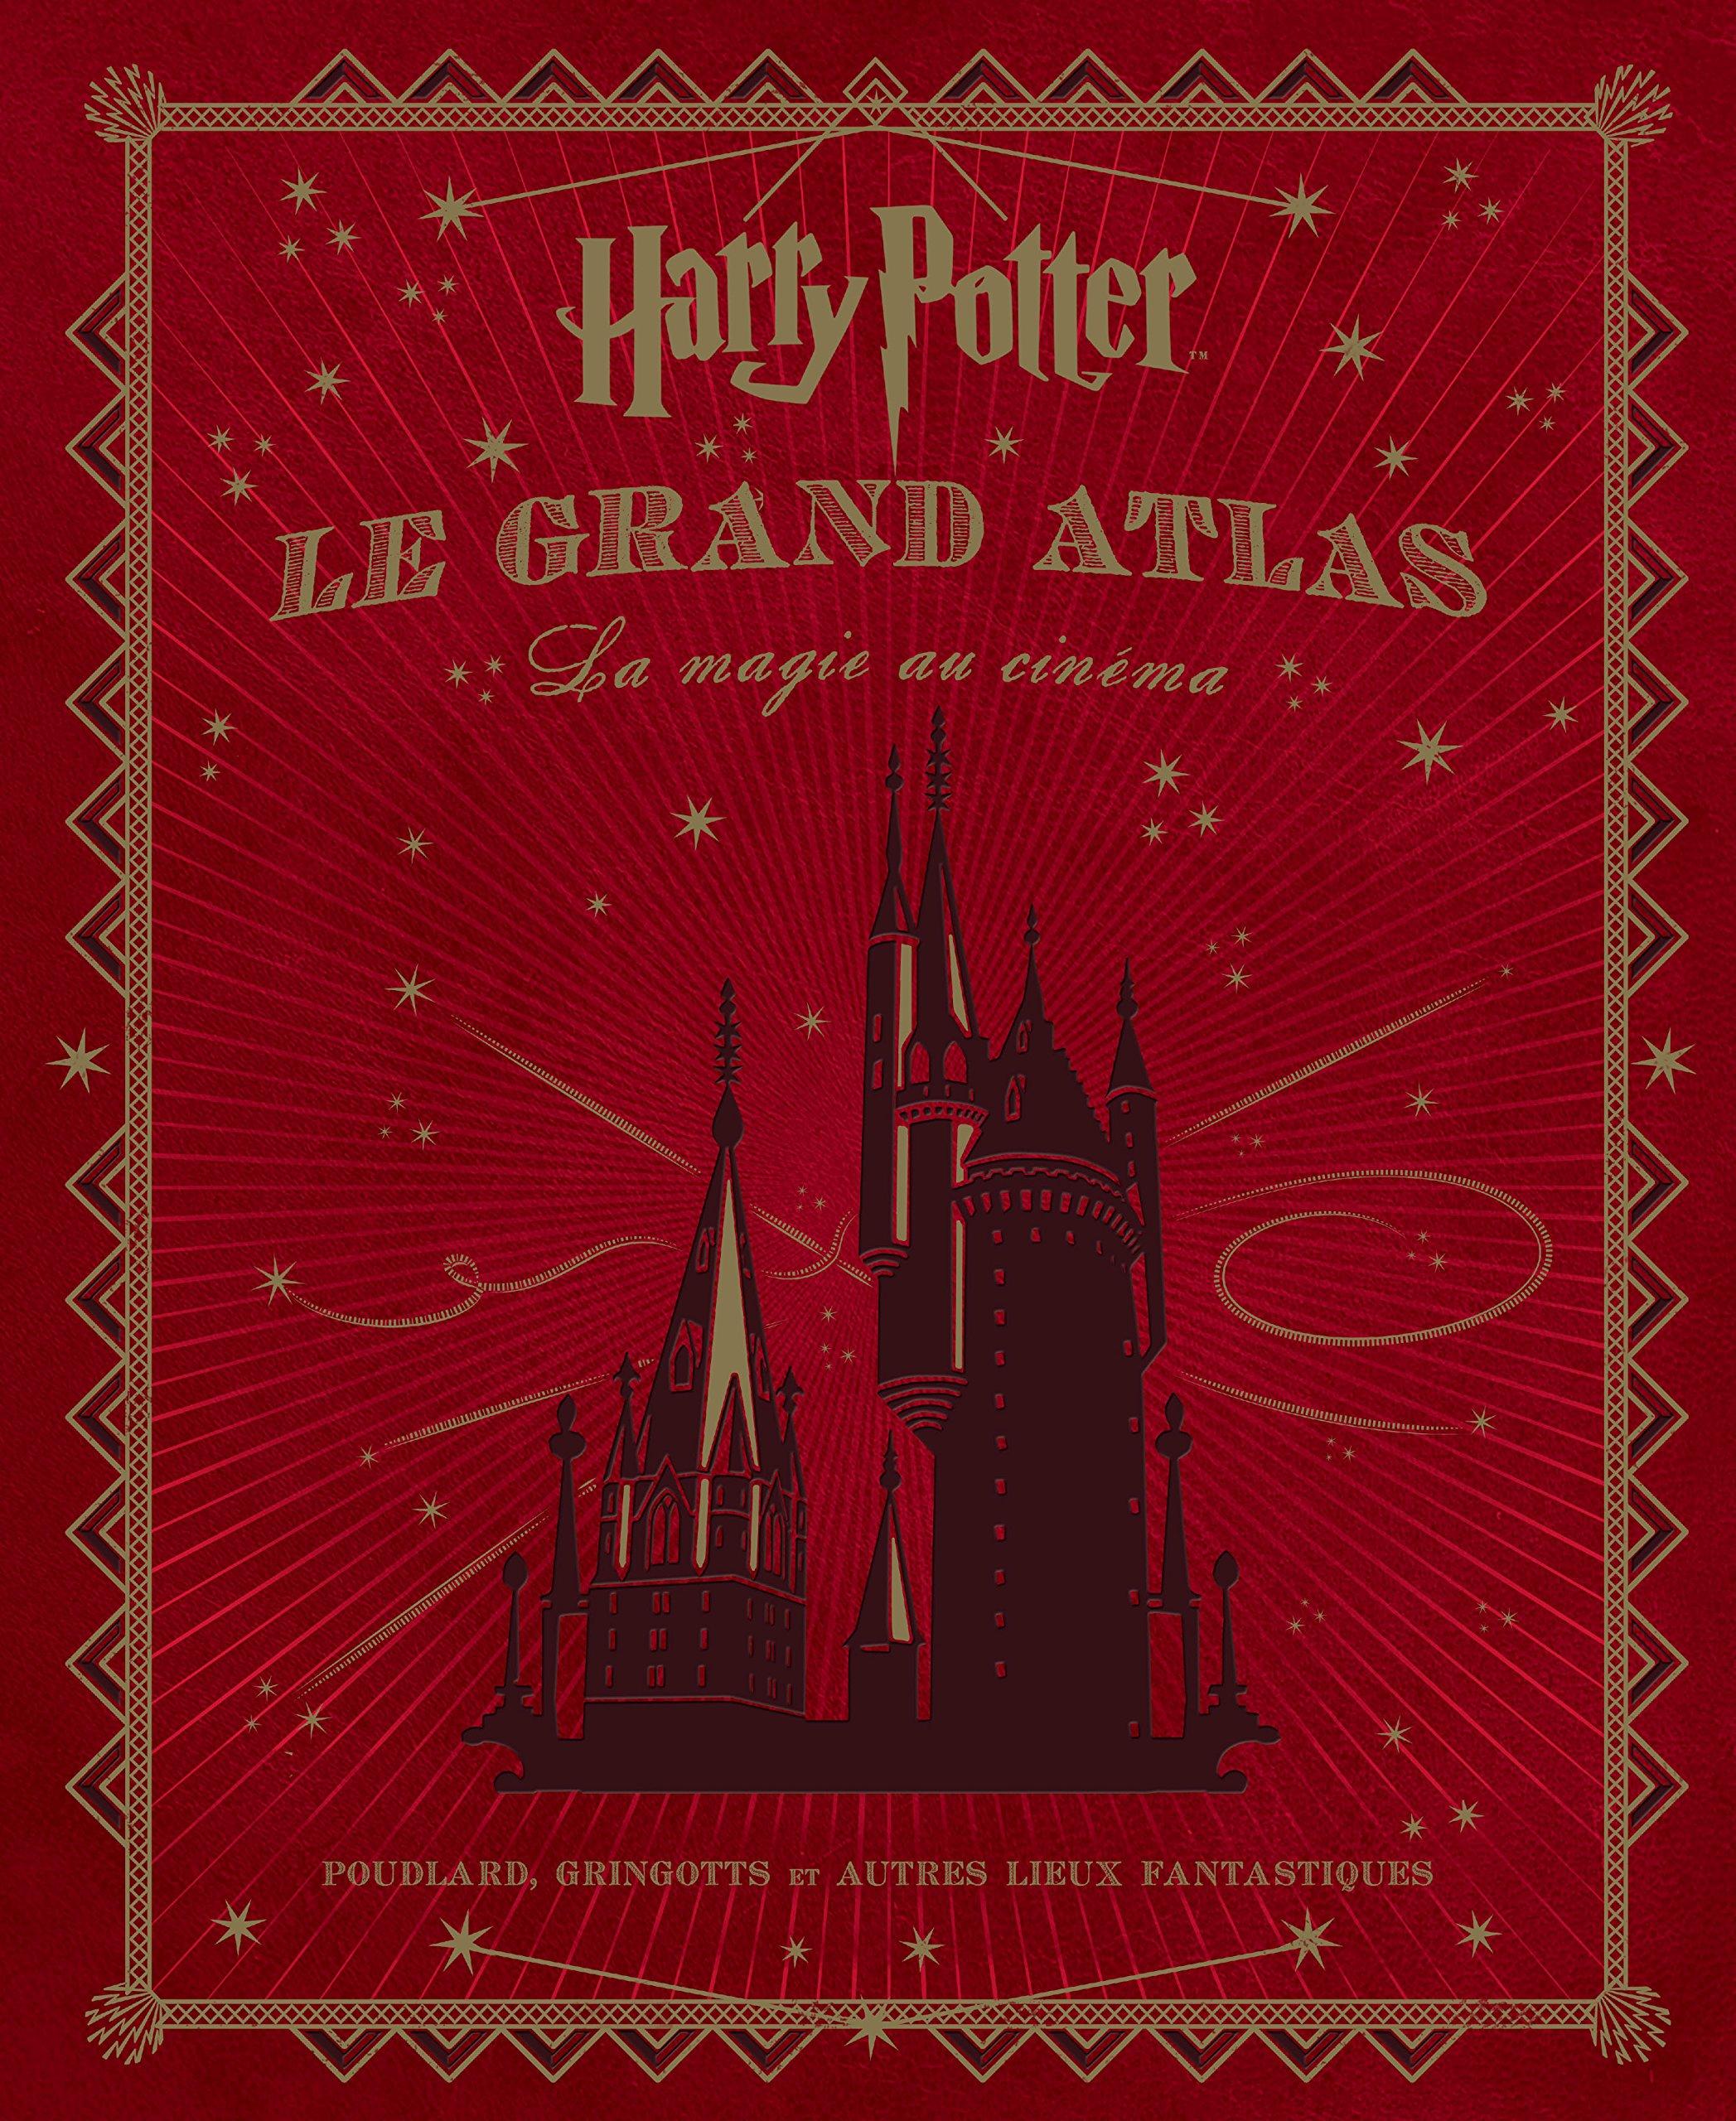 """Concours: Gagnez """"Harry Potter: Le Grand Atlas"""" avant sa sortie !"""